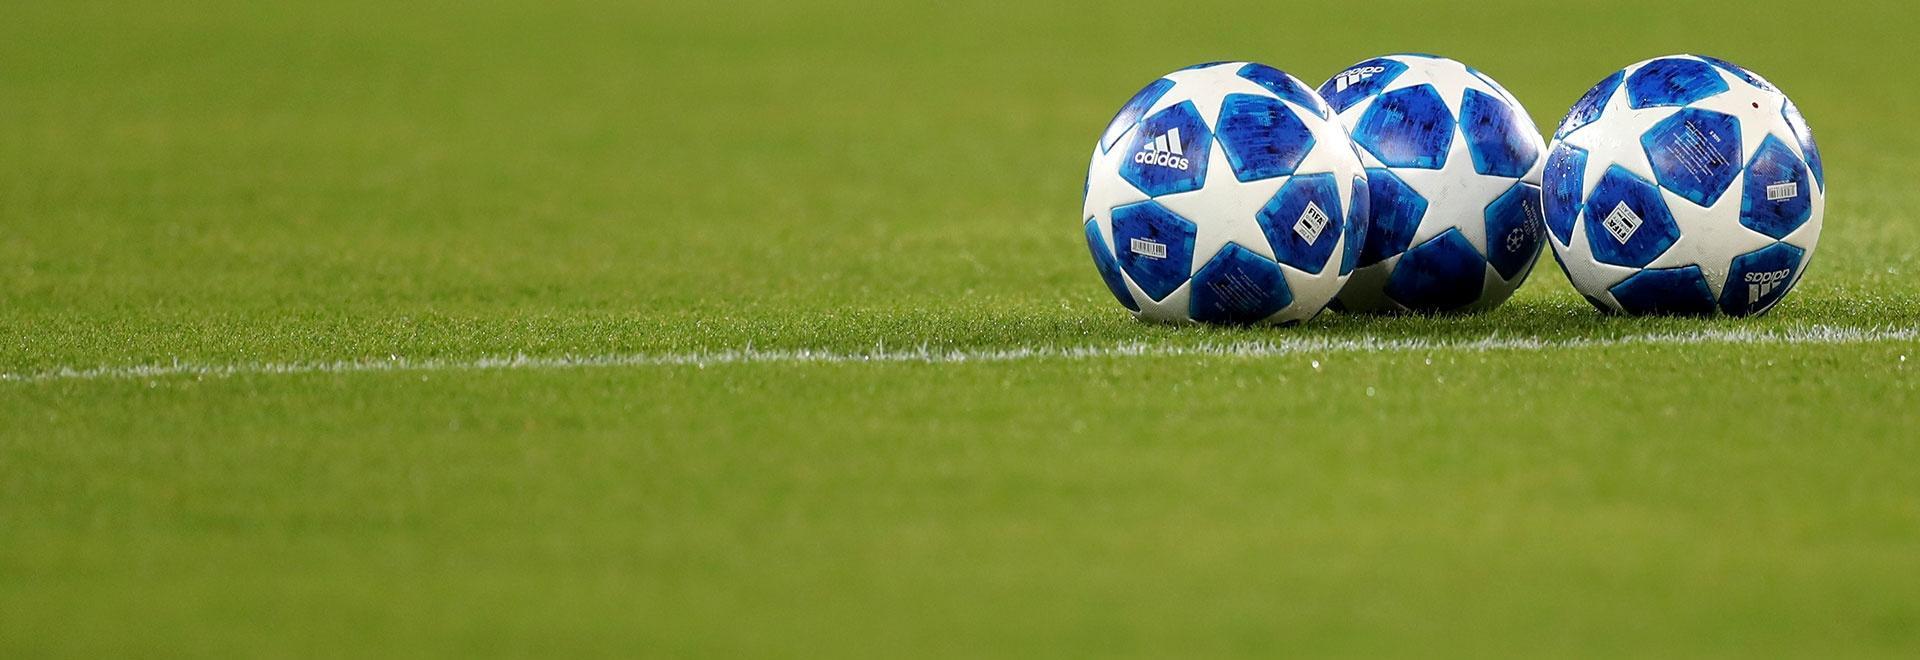 Man Utd - Juventus 23/10/18